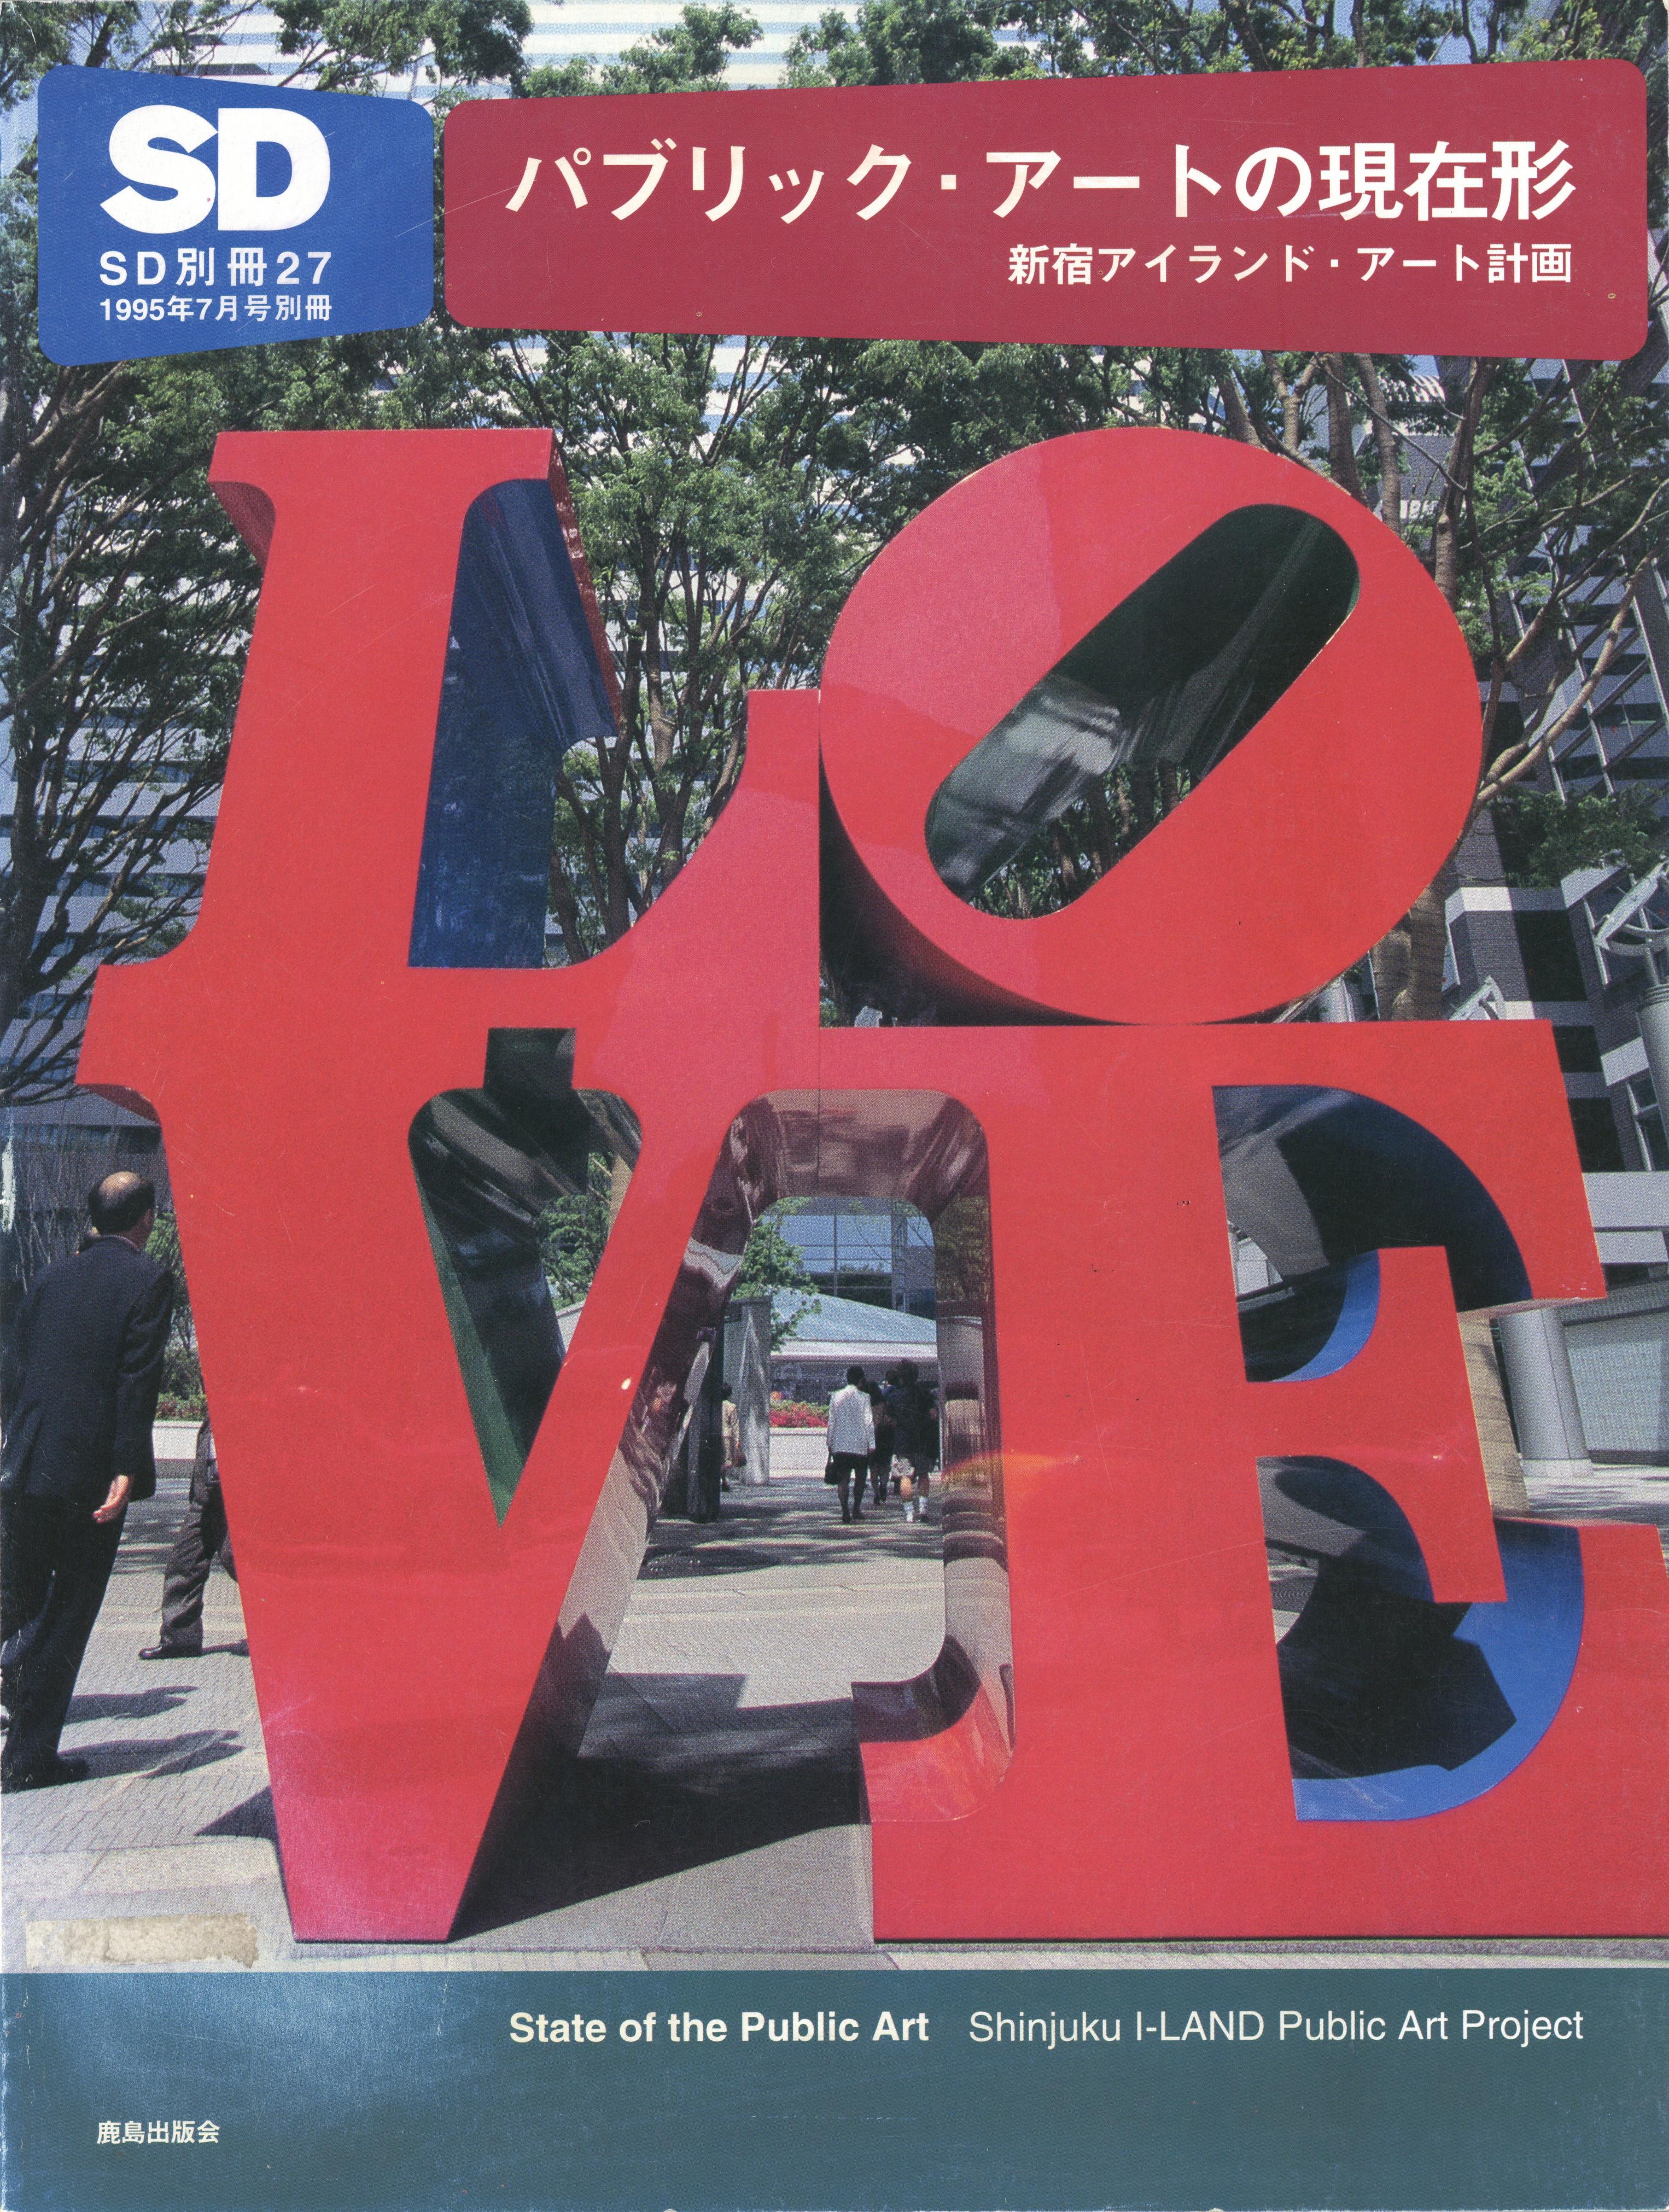 The cover of Paburikku āto no genzaikei: Shinjuku airand āto keikaku [The Present State of Public Art: Shinjuku i-Land Art Project] (Tokyo: Kajima shuppankai, 1995).